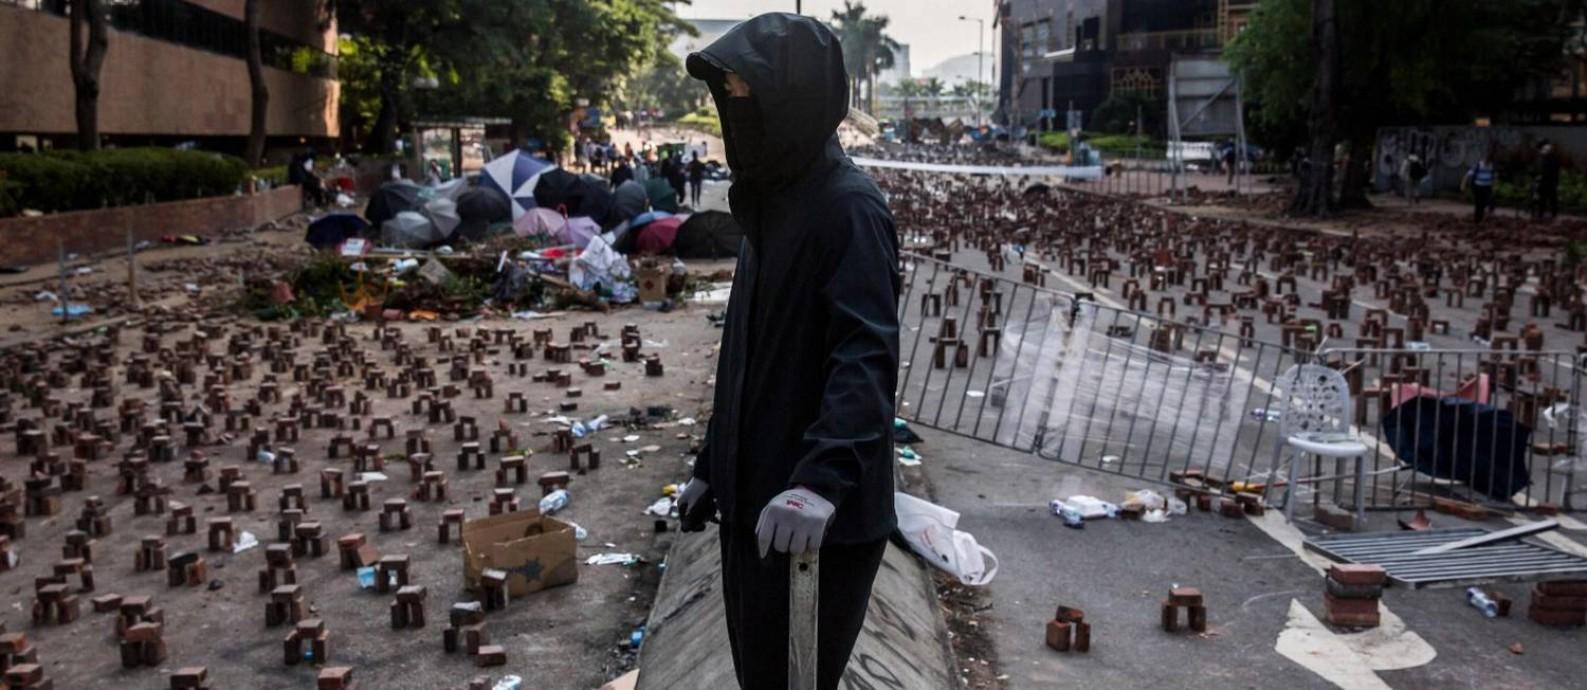 Manifestante em uma rua repleta de tijolos e destroços para impedir o acesso à Universidade Politécnica de Hong Kong: ocupados por ativistas, campi da cidade estão sem aula Foto: ISAAC LAWRENCE / AFP